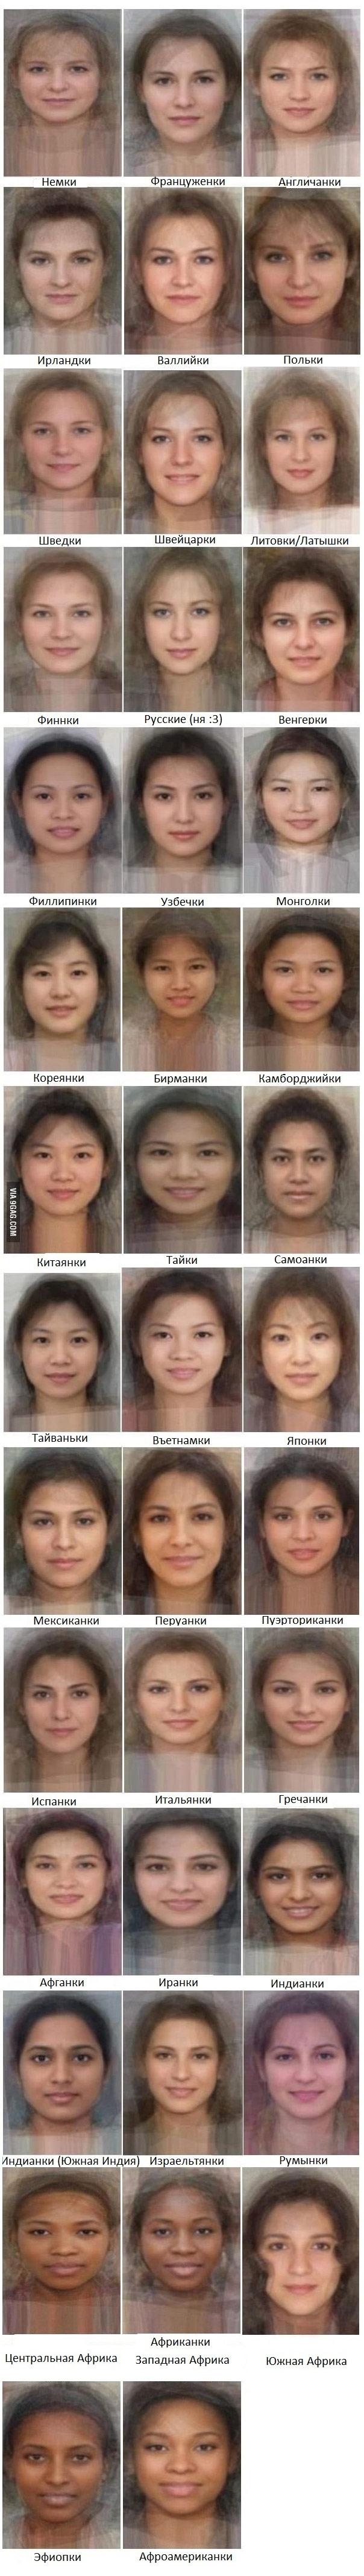 Фото женщин разных национальностей 13 фотография